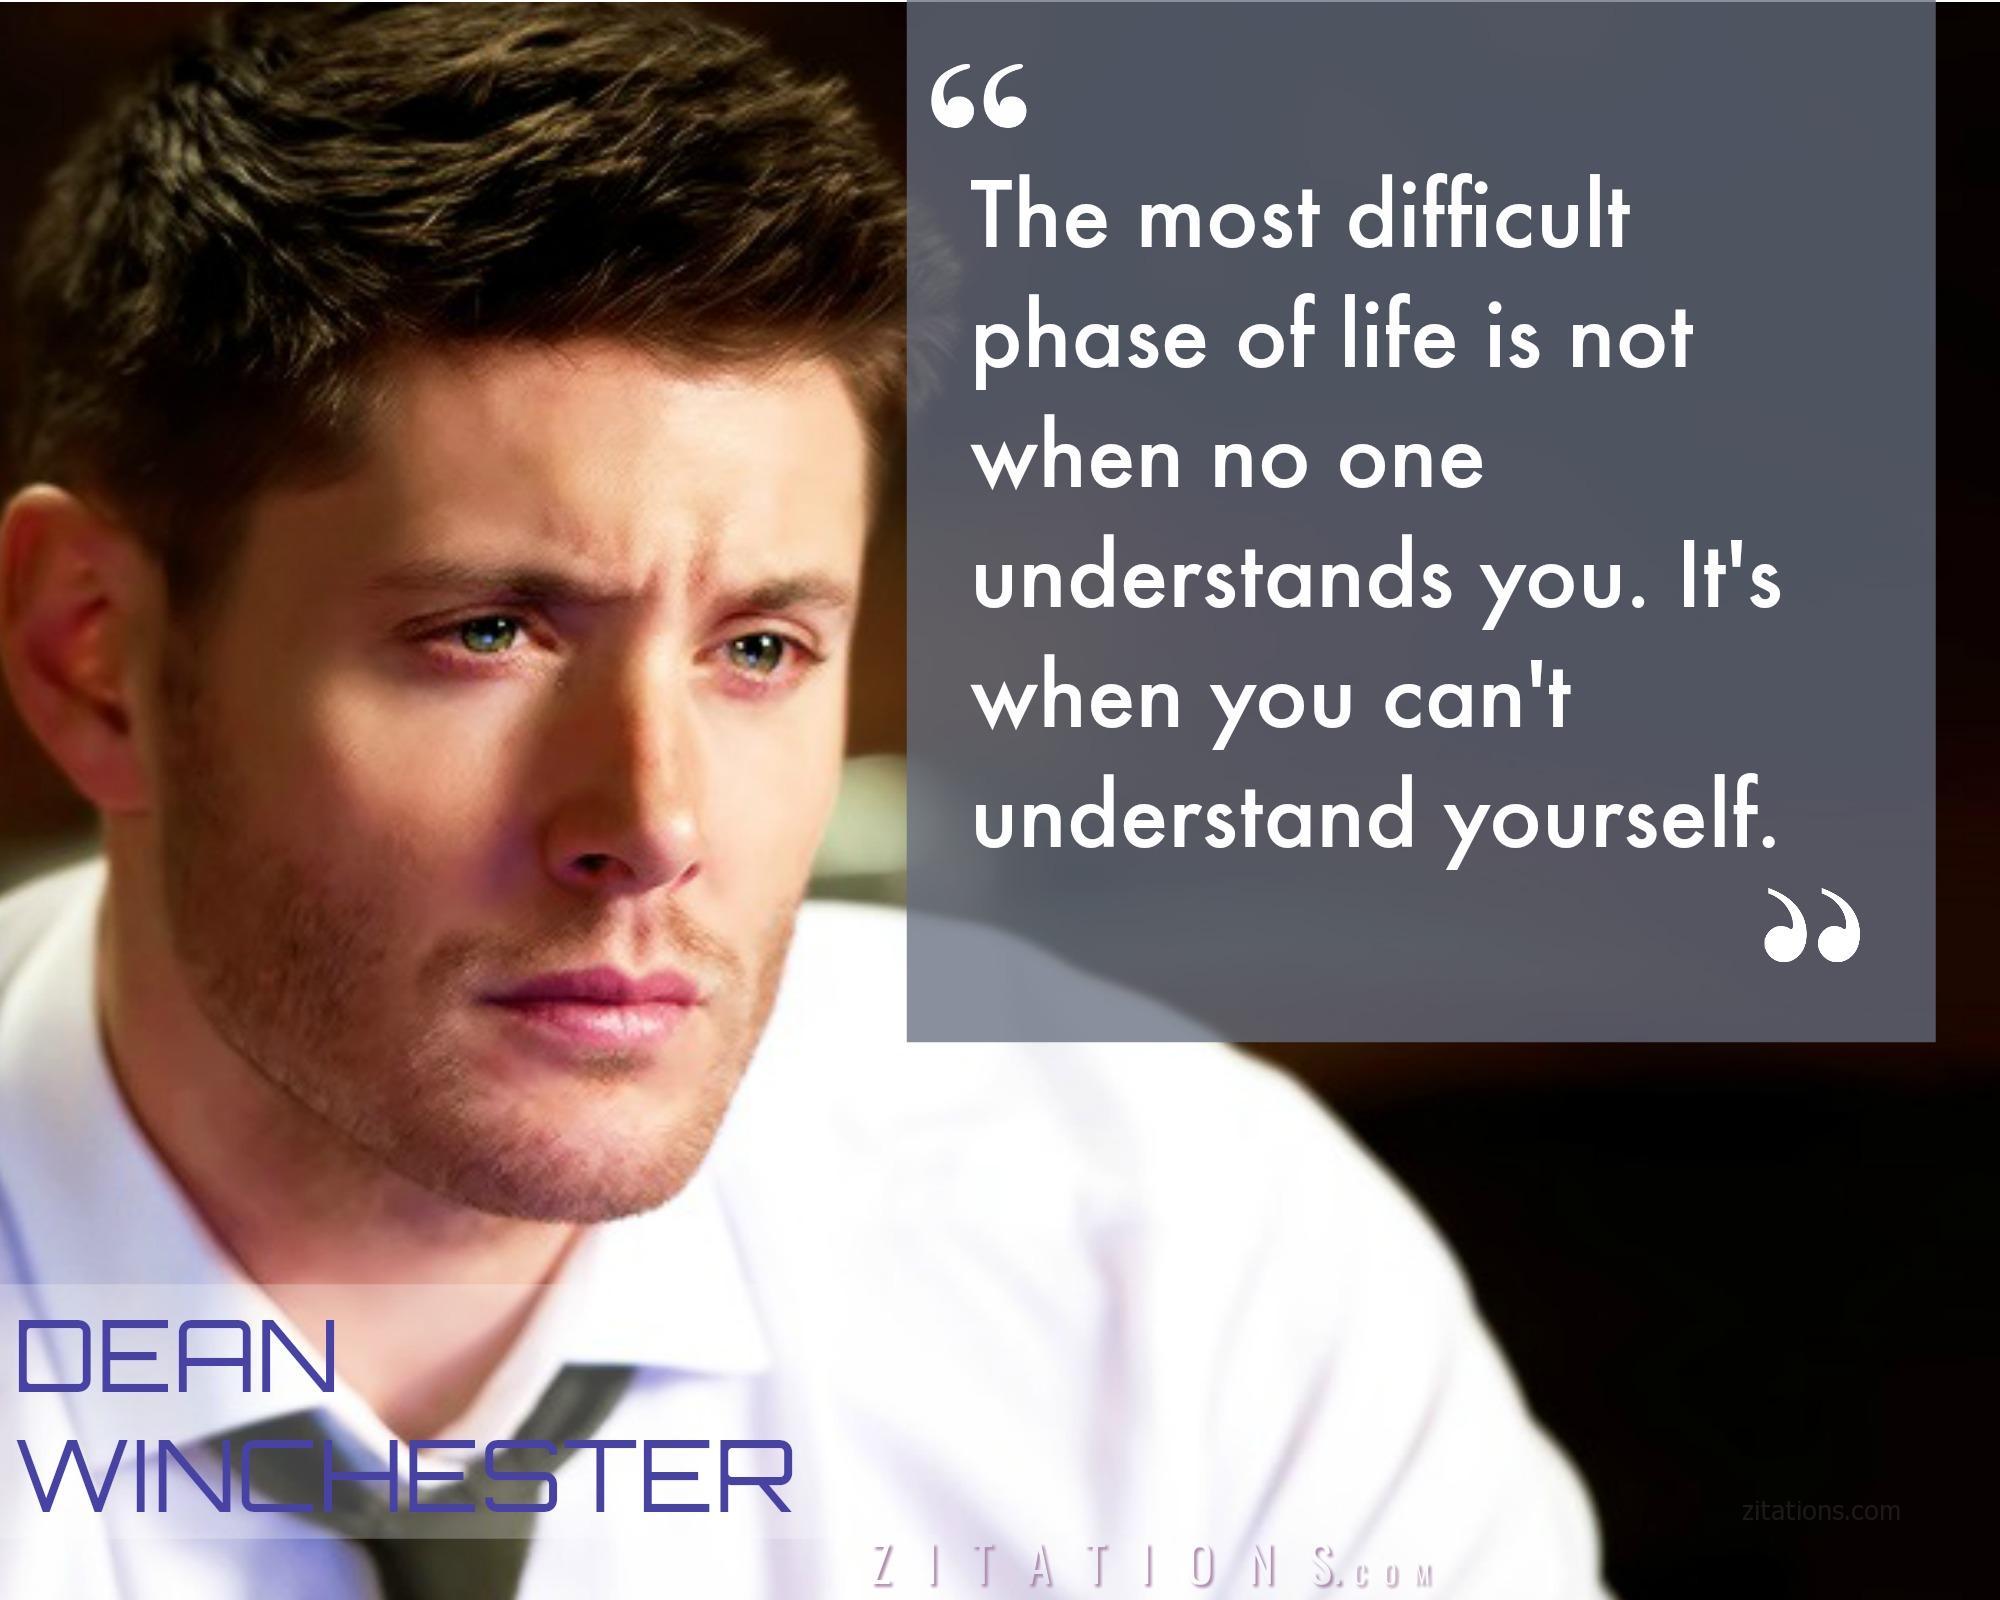 Sad Dean Quote